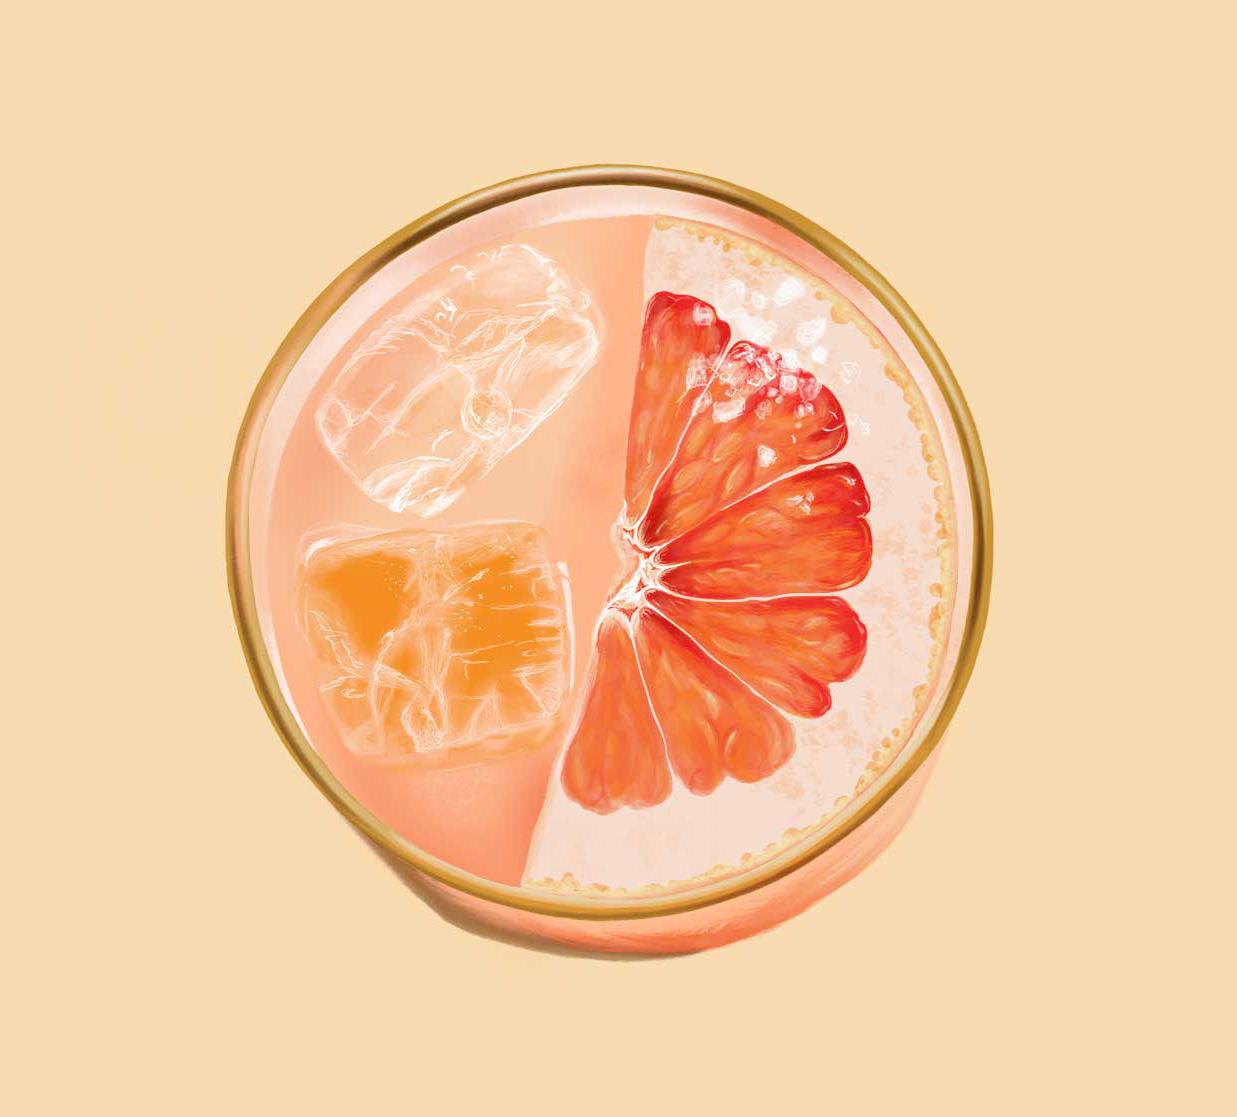 GrapefruitDrink-small-SS.jpg